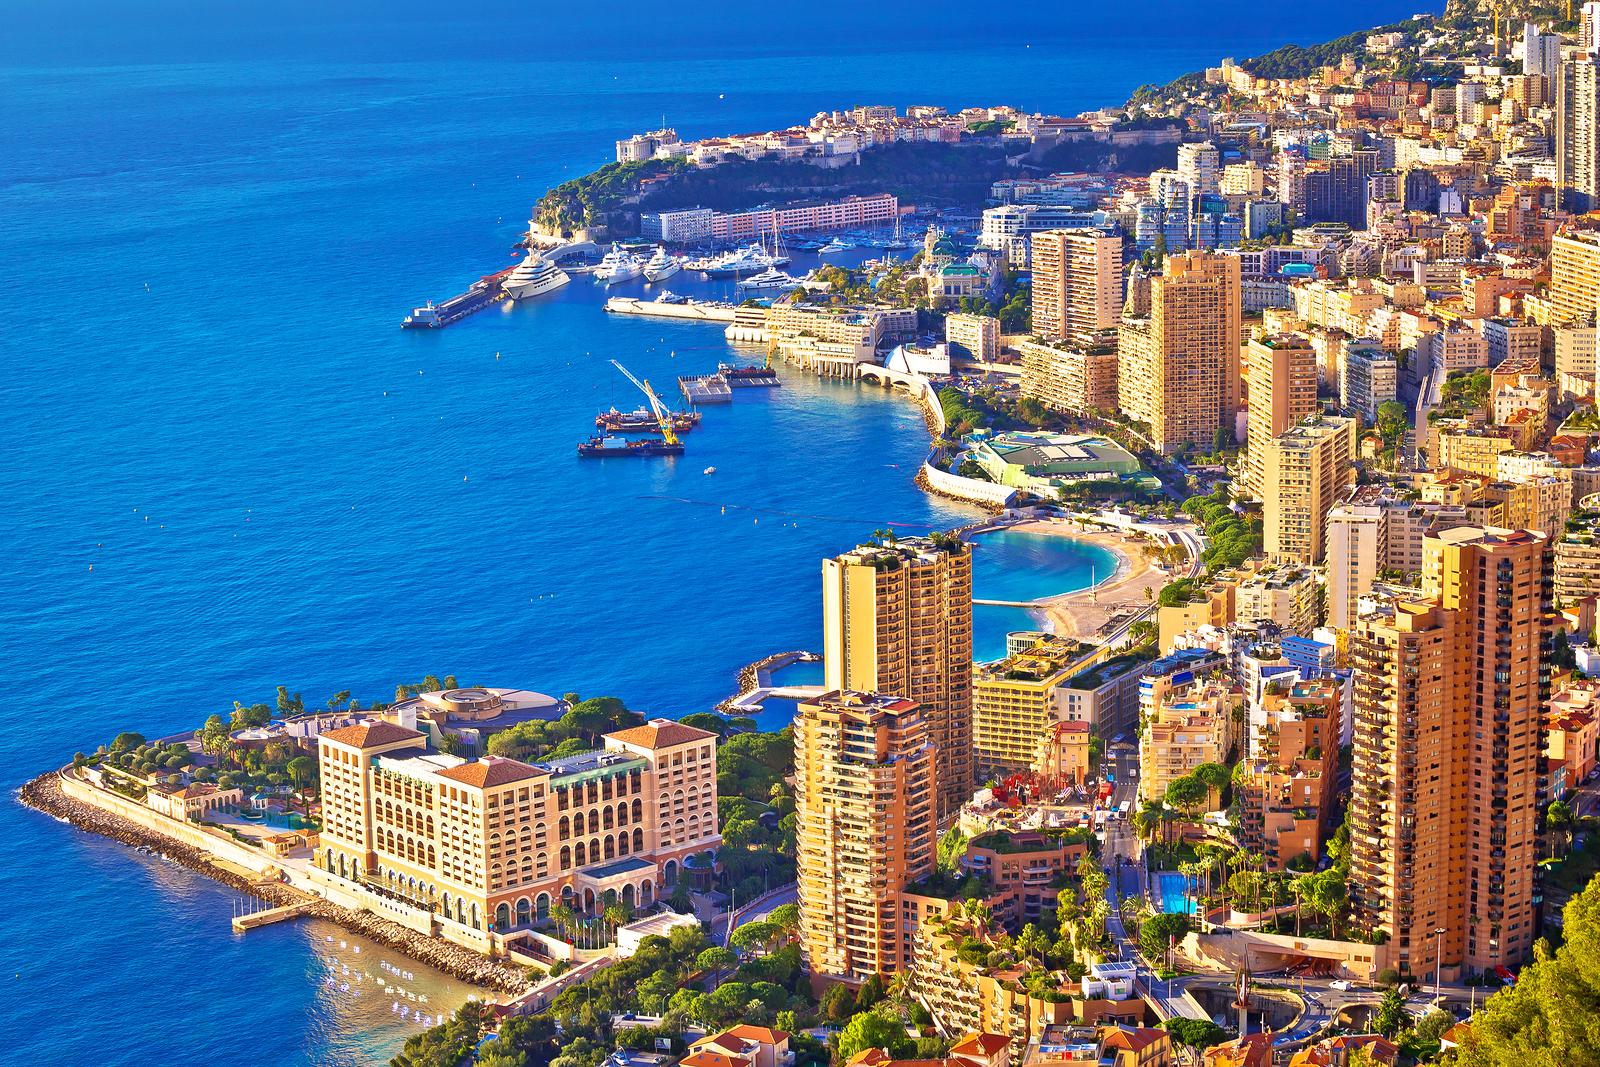 Monaco And Monte Carlo Cityscape And Harbor Aerial View, Princip